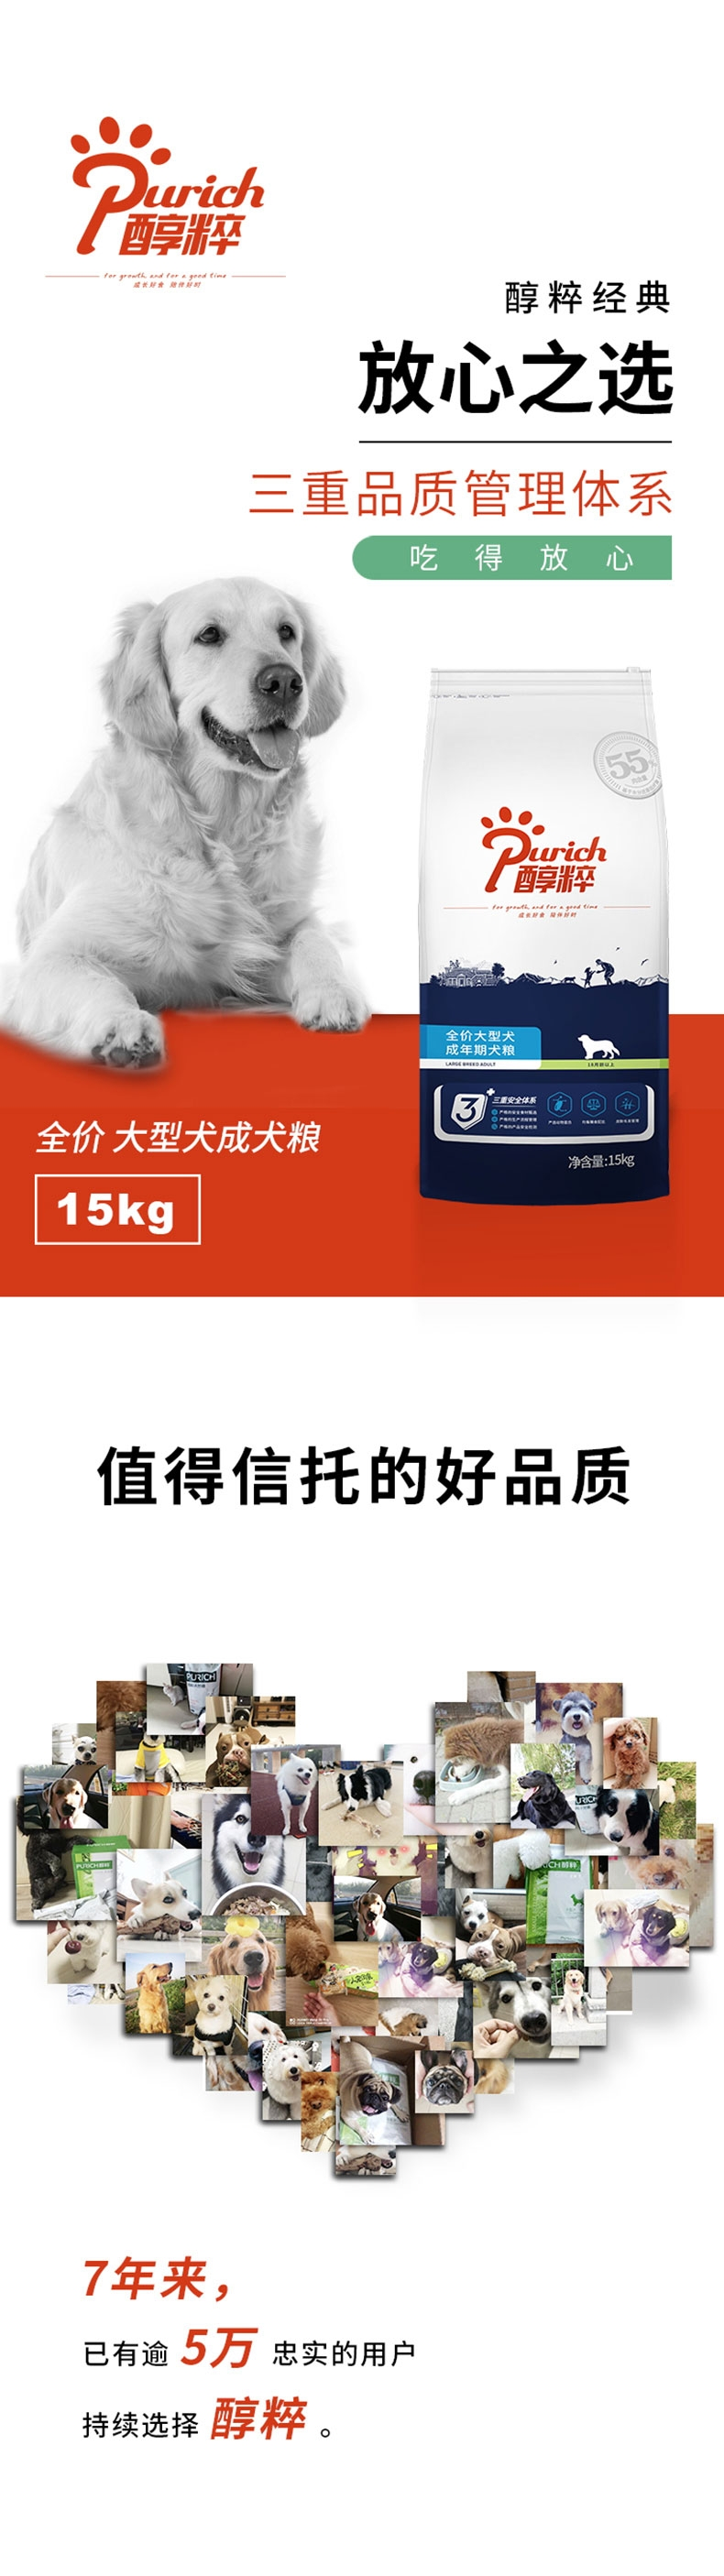 醇粹 大型犬成犬粮 15kg 55%肉含量